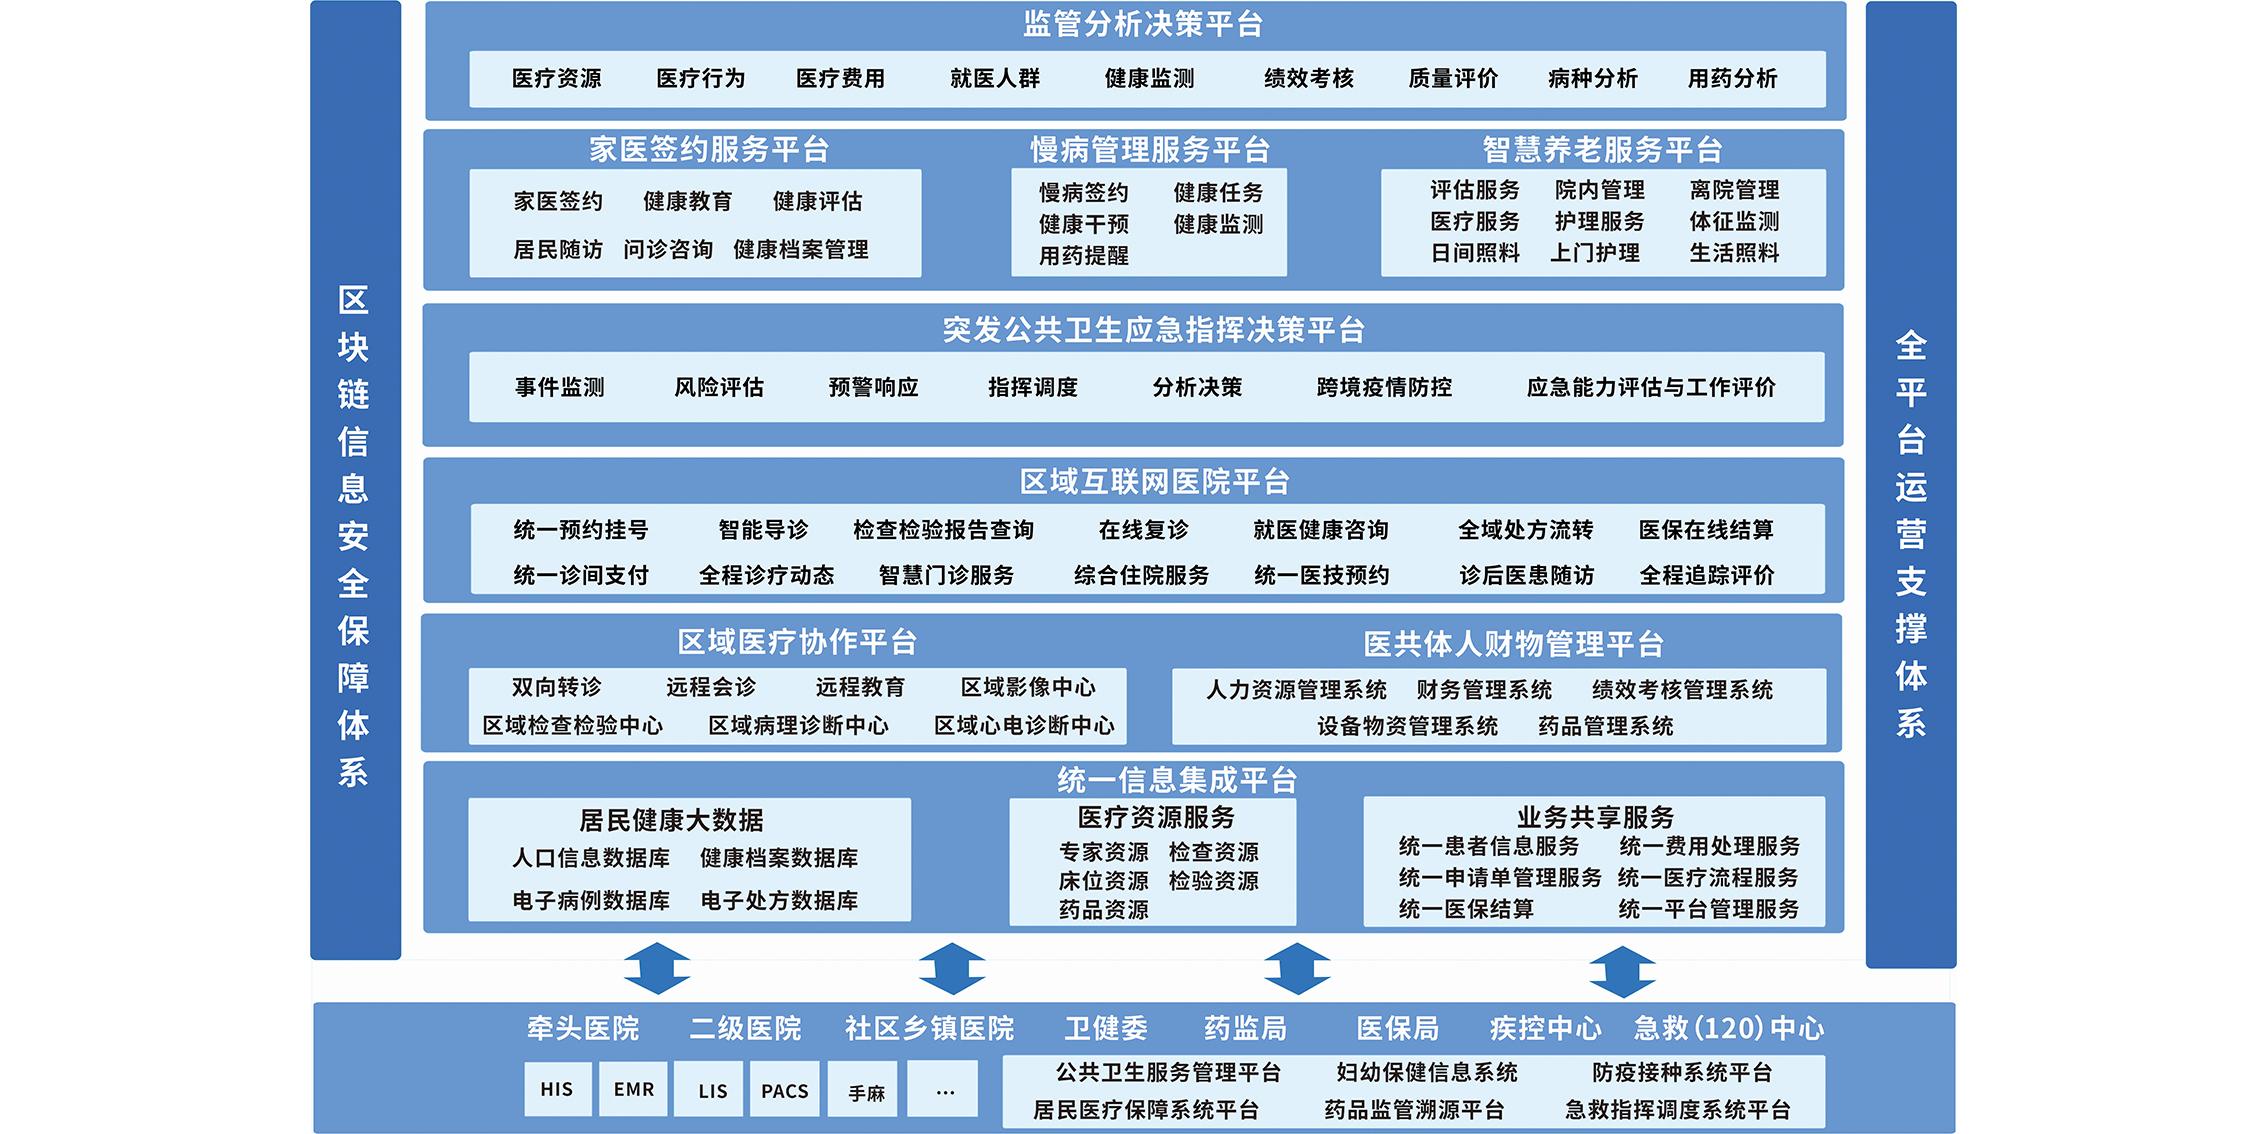 医联体信息系统平台